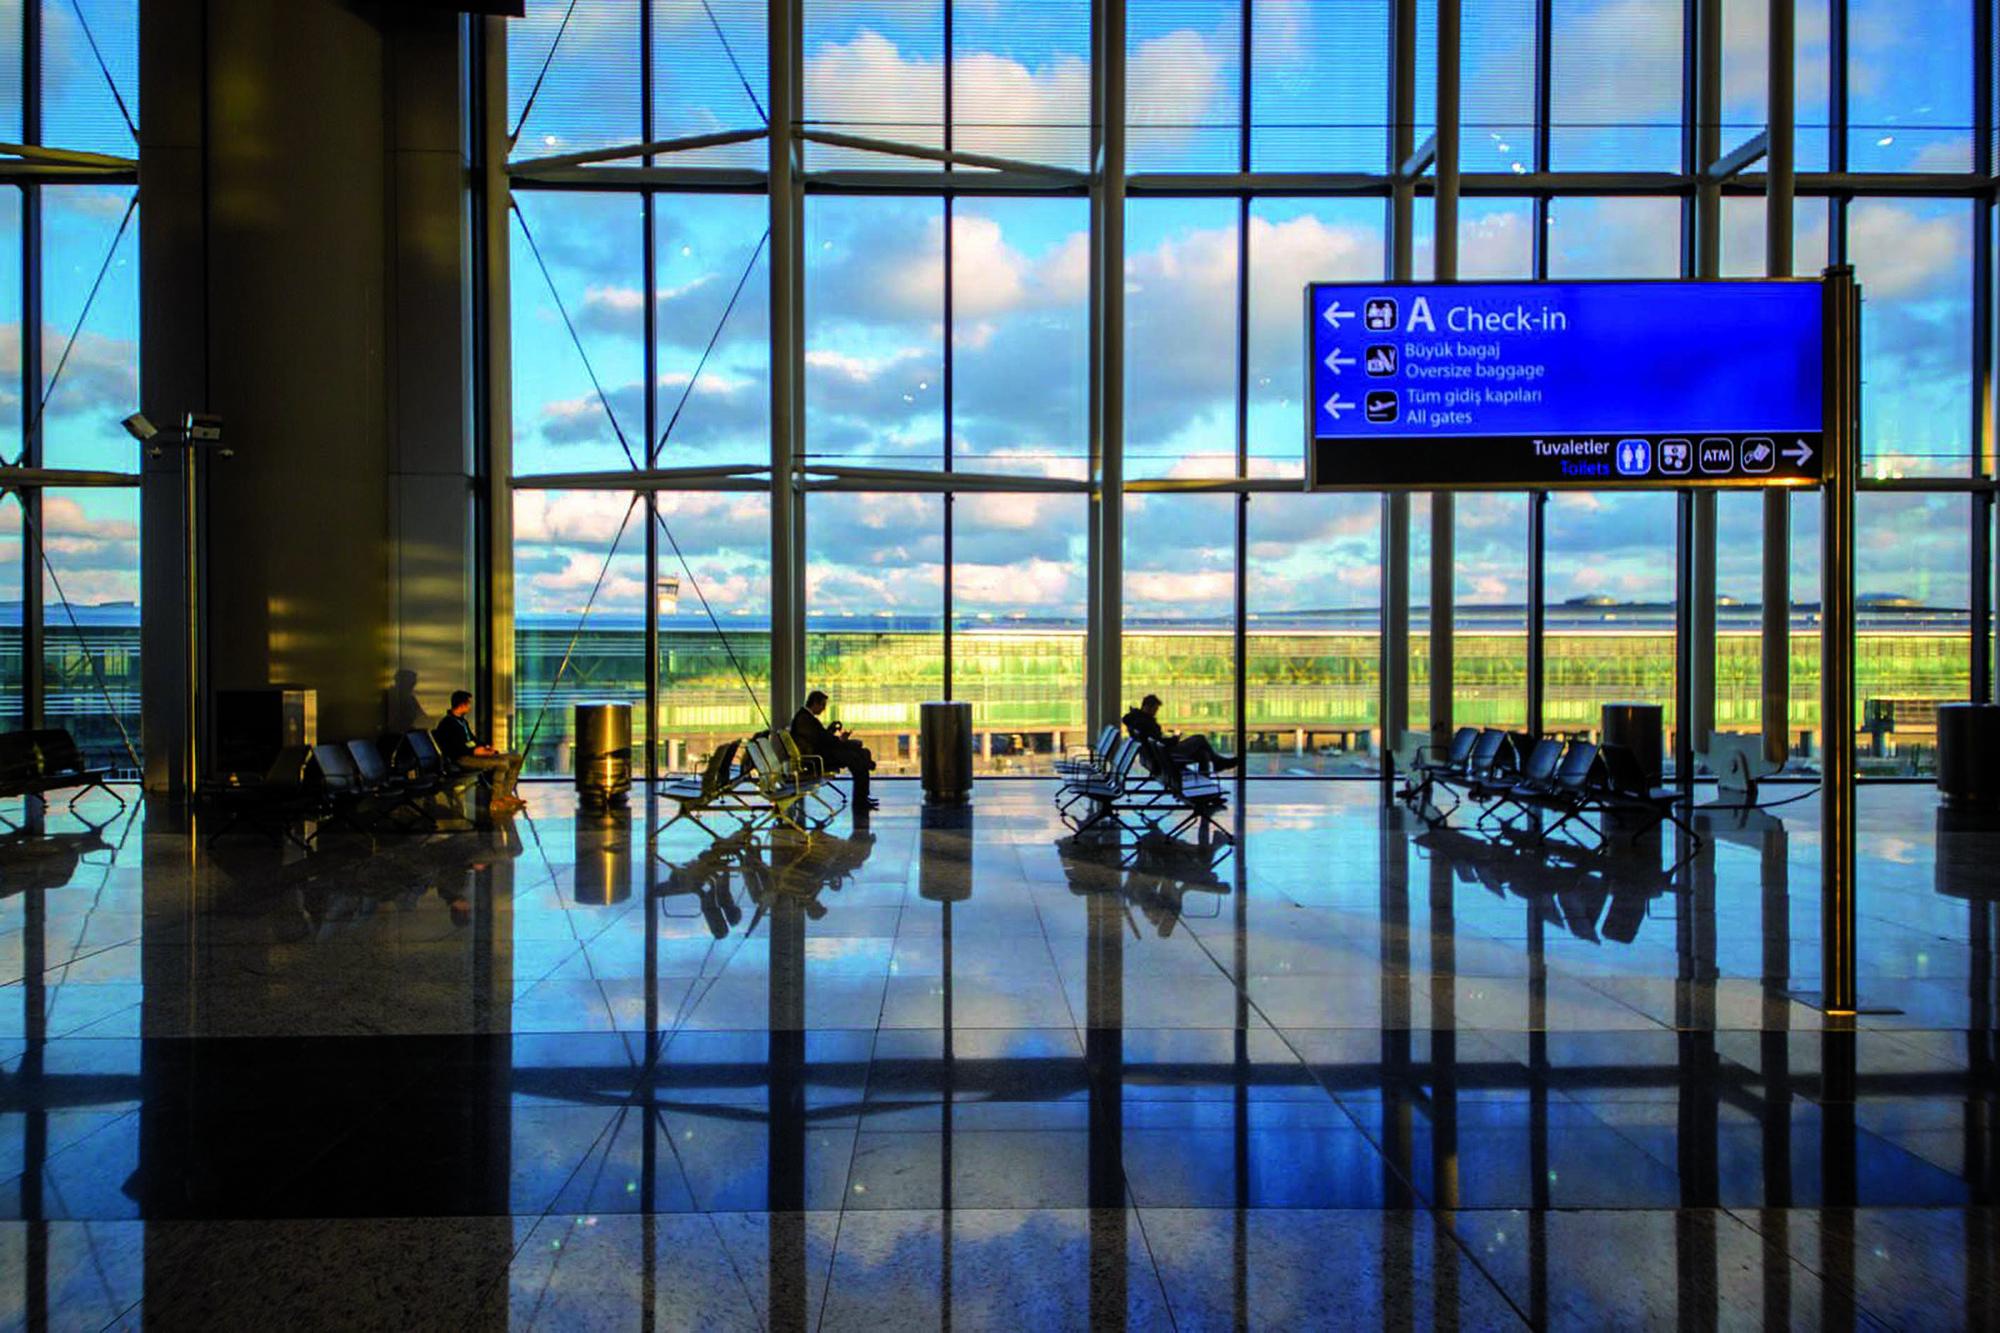 Aeroporto Istanbul - prodotti Mapei per greenroof impermeabilizzazioni prodotti per ceramiche fughe resine sigillanti (1)